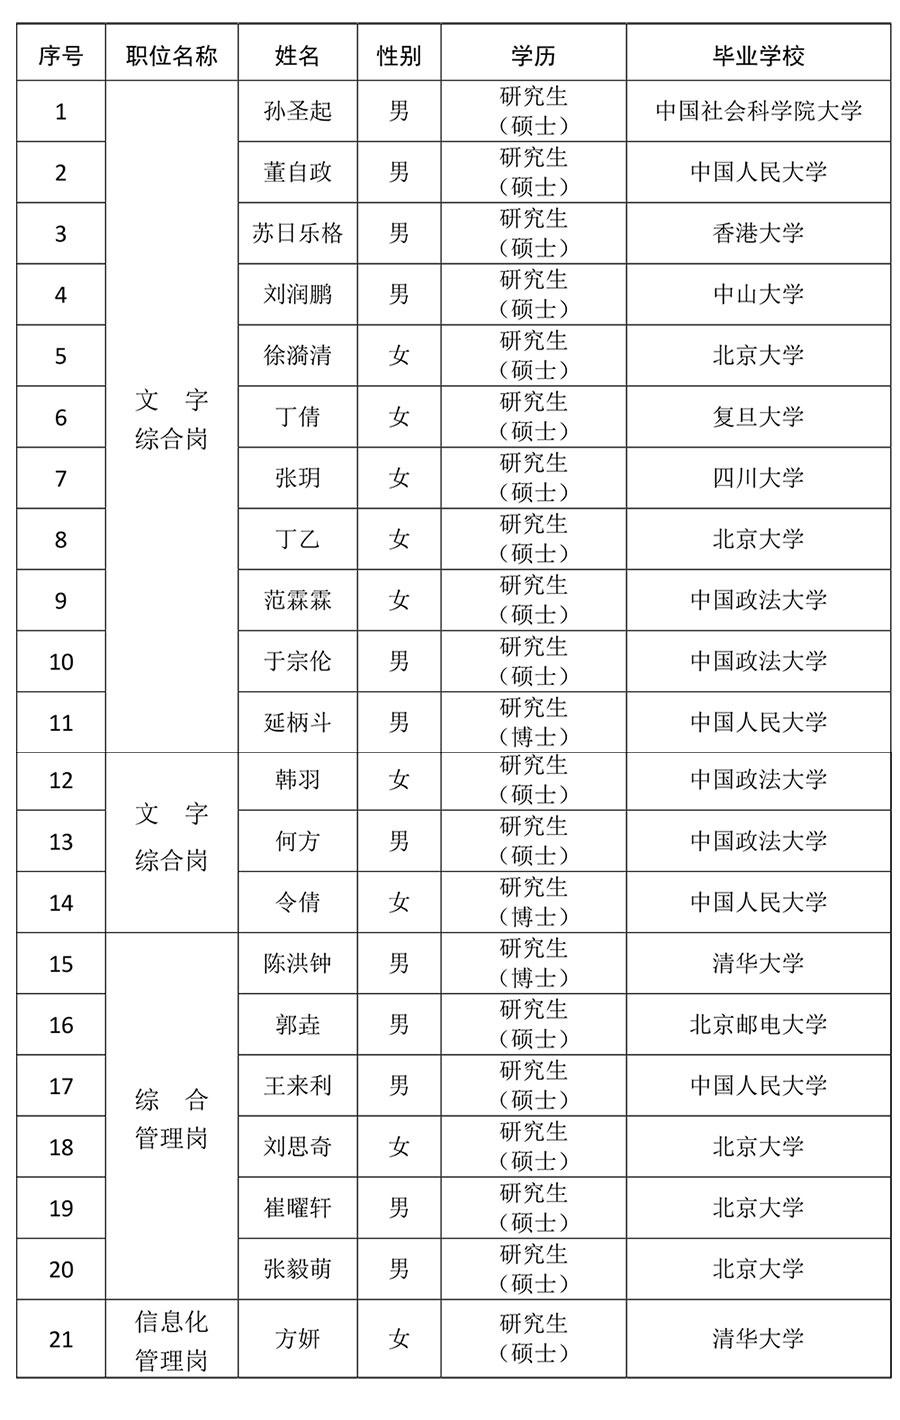 中共北京市委办公厅2020年度考试录用公务员拟录用人员公示